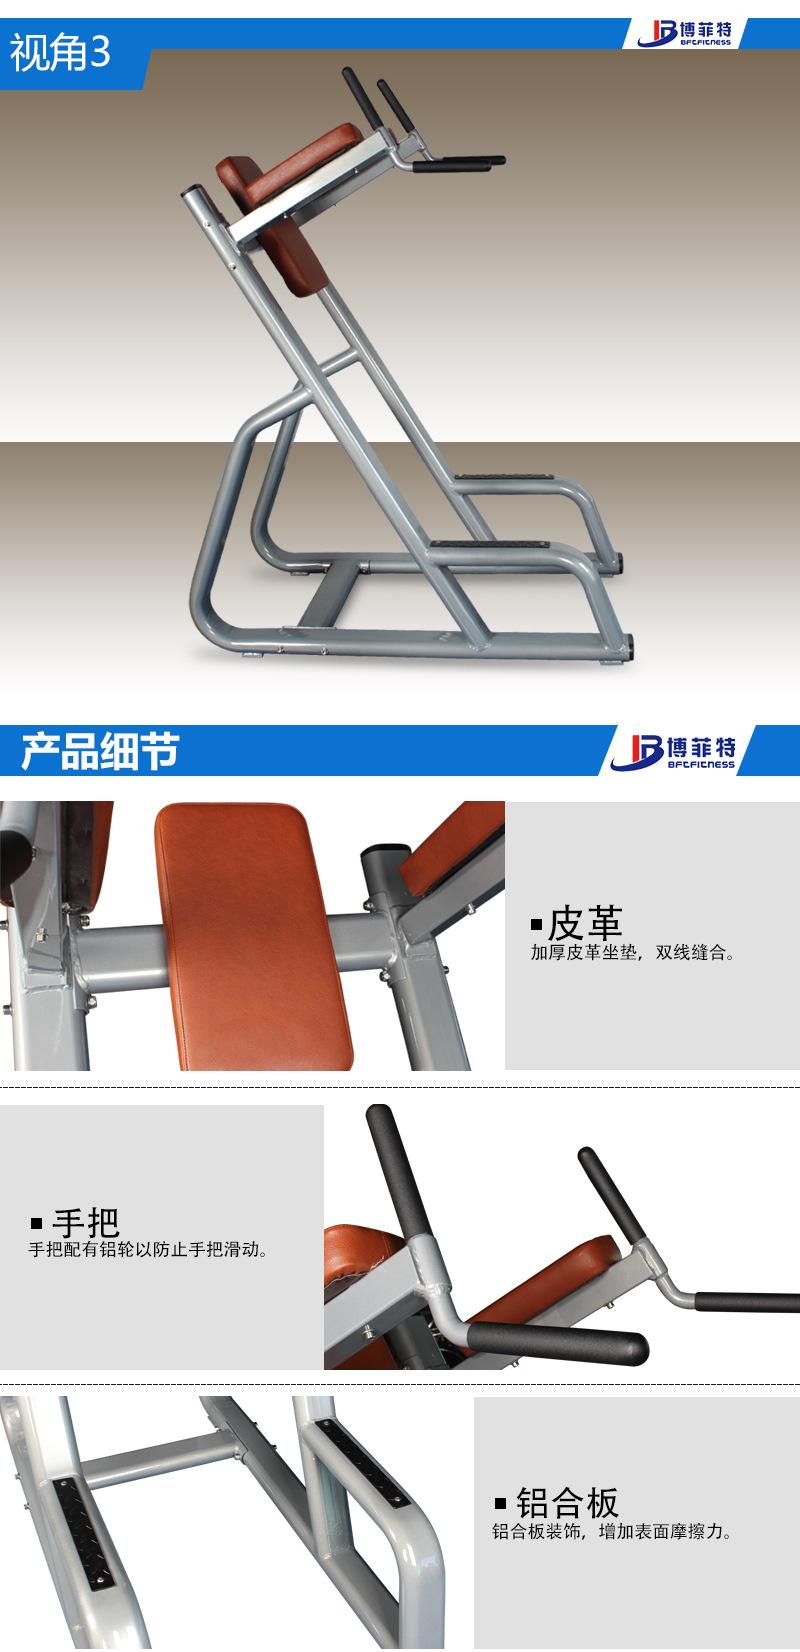 商用健身器材厂家